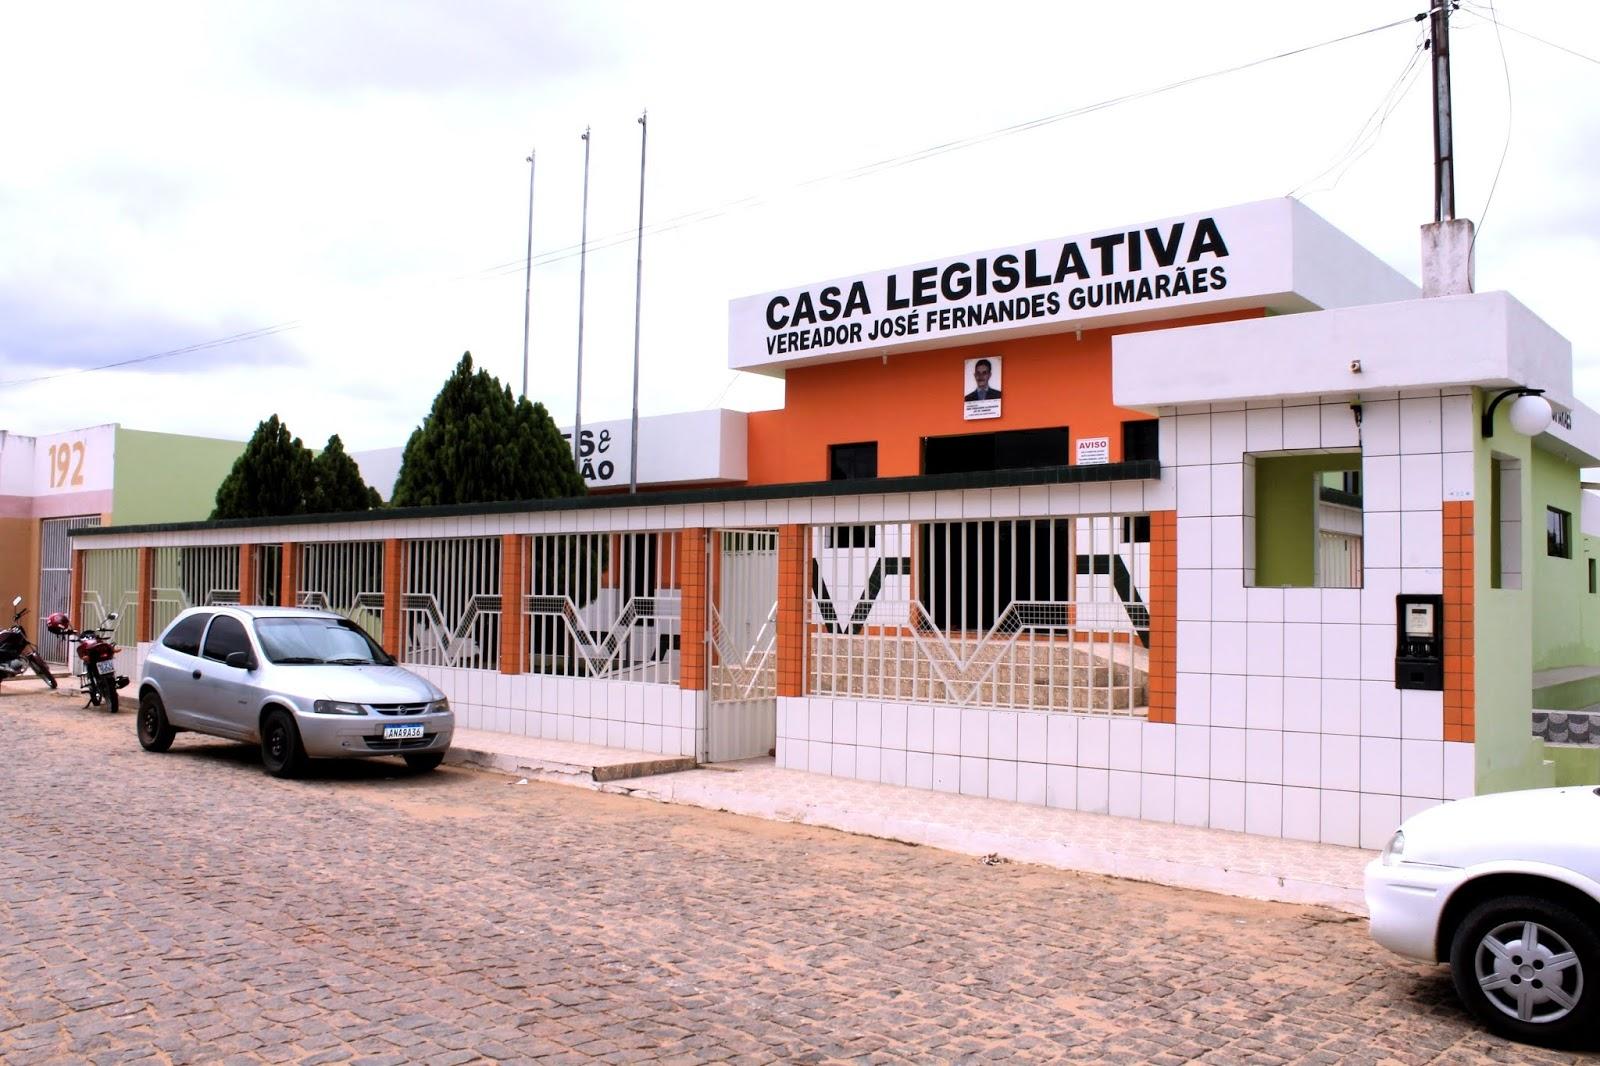 Câmara de Vereadores Malhada de Pedras retorna ás atividades em plenário dia 18 de fevereiro